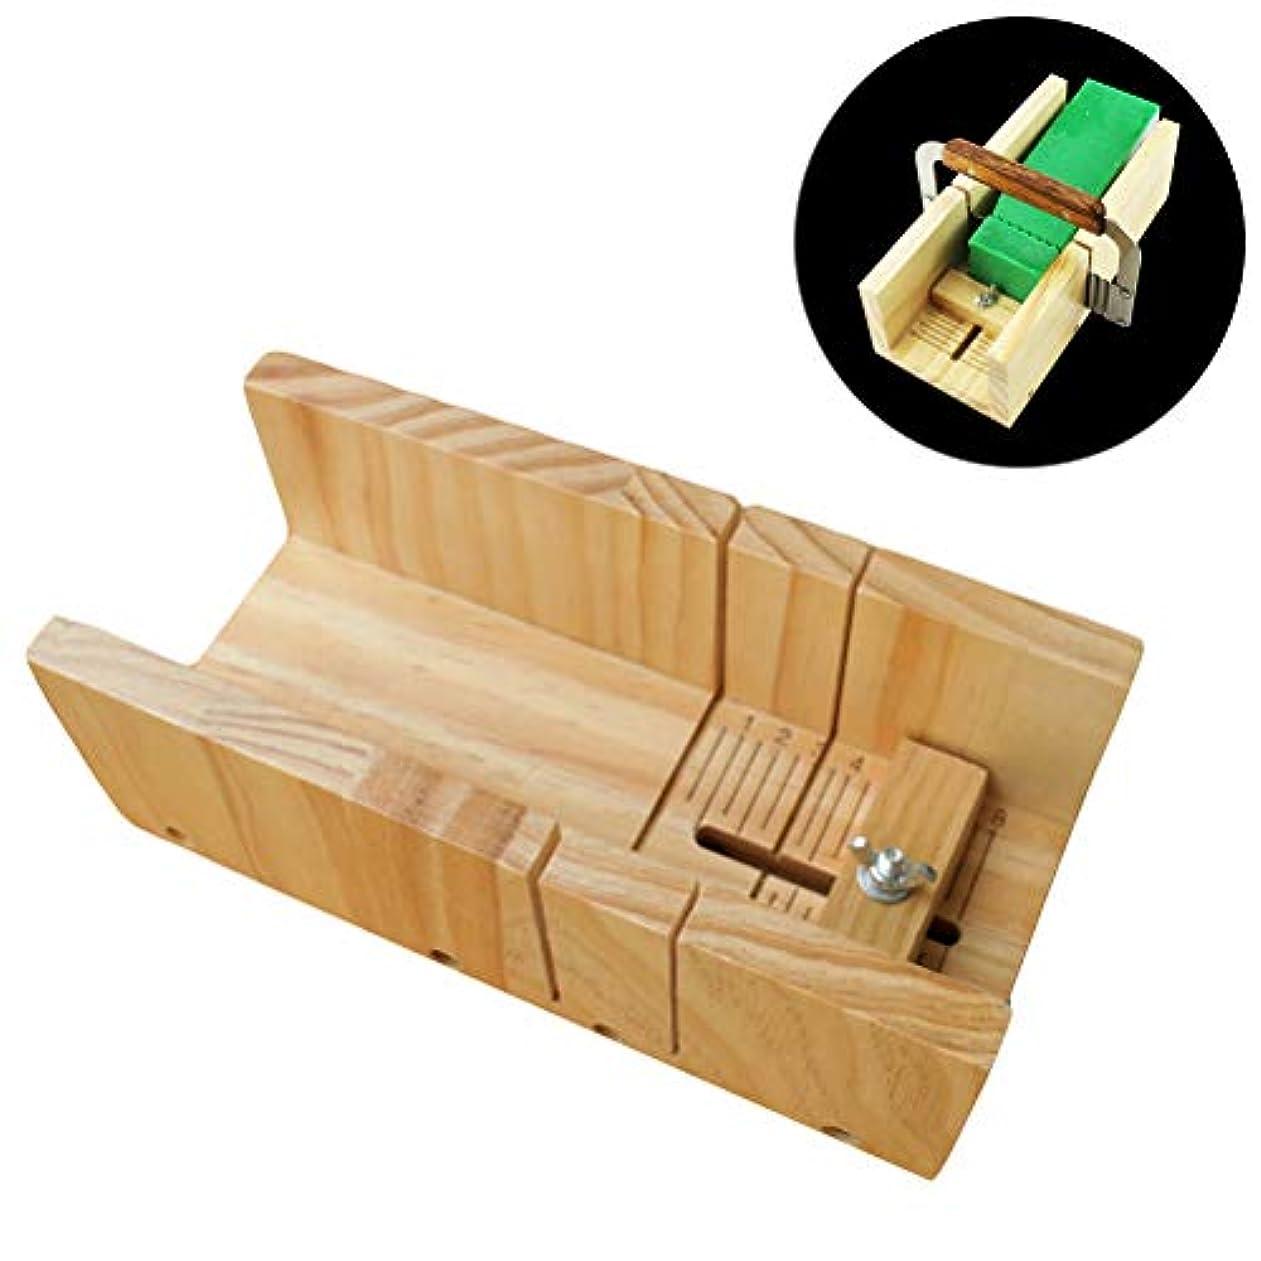 フルーツ野菜カーペット満了Healifty 木製石鹸カッターモールド石鹸ロープモールド調節可能なカッターモールドボックス石鹸ツールを作る